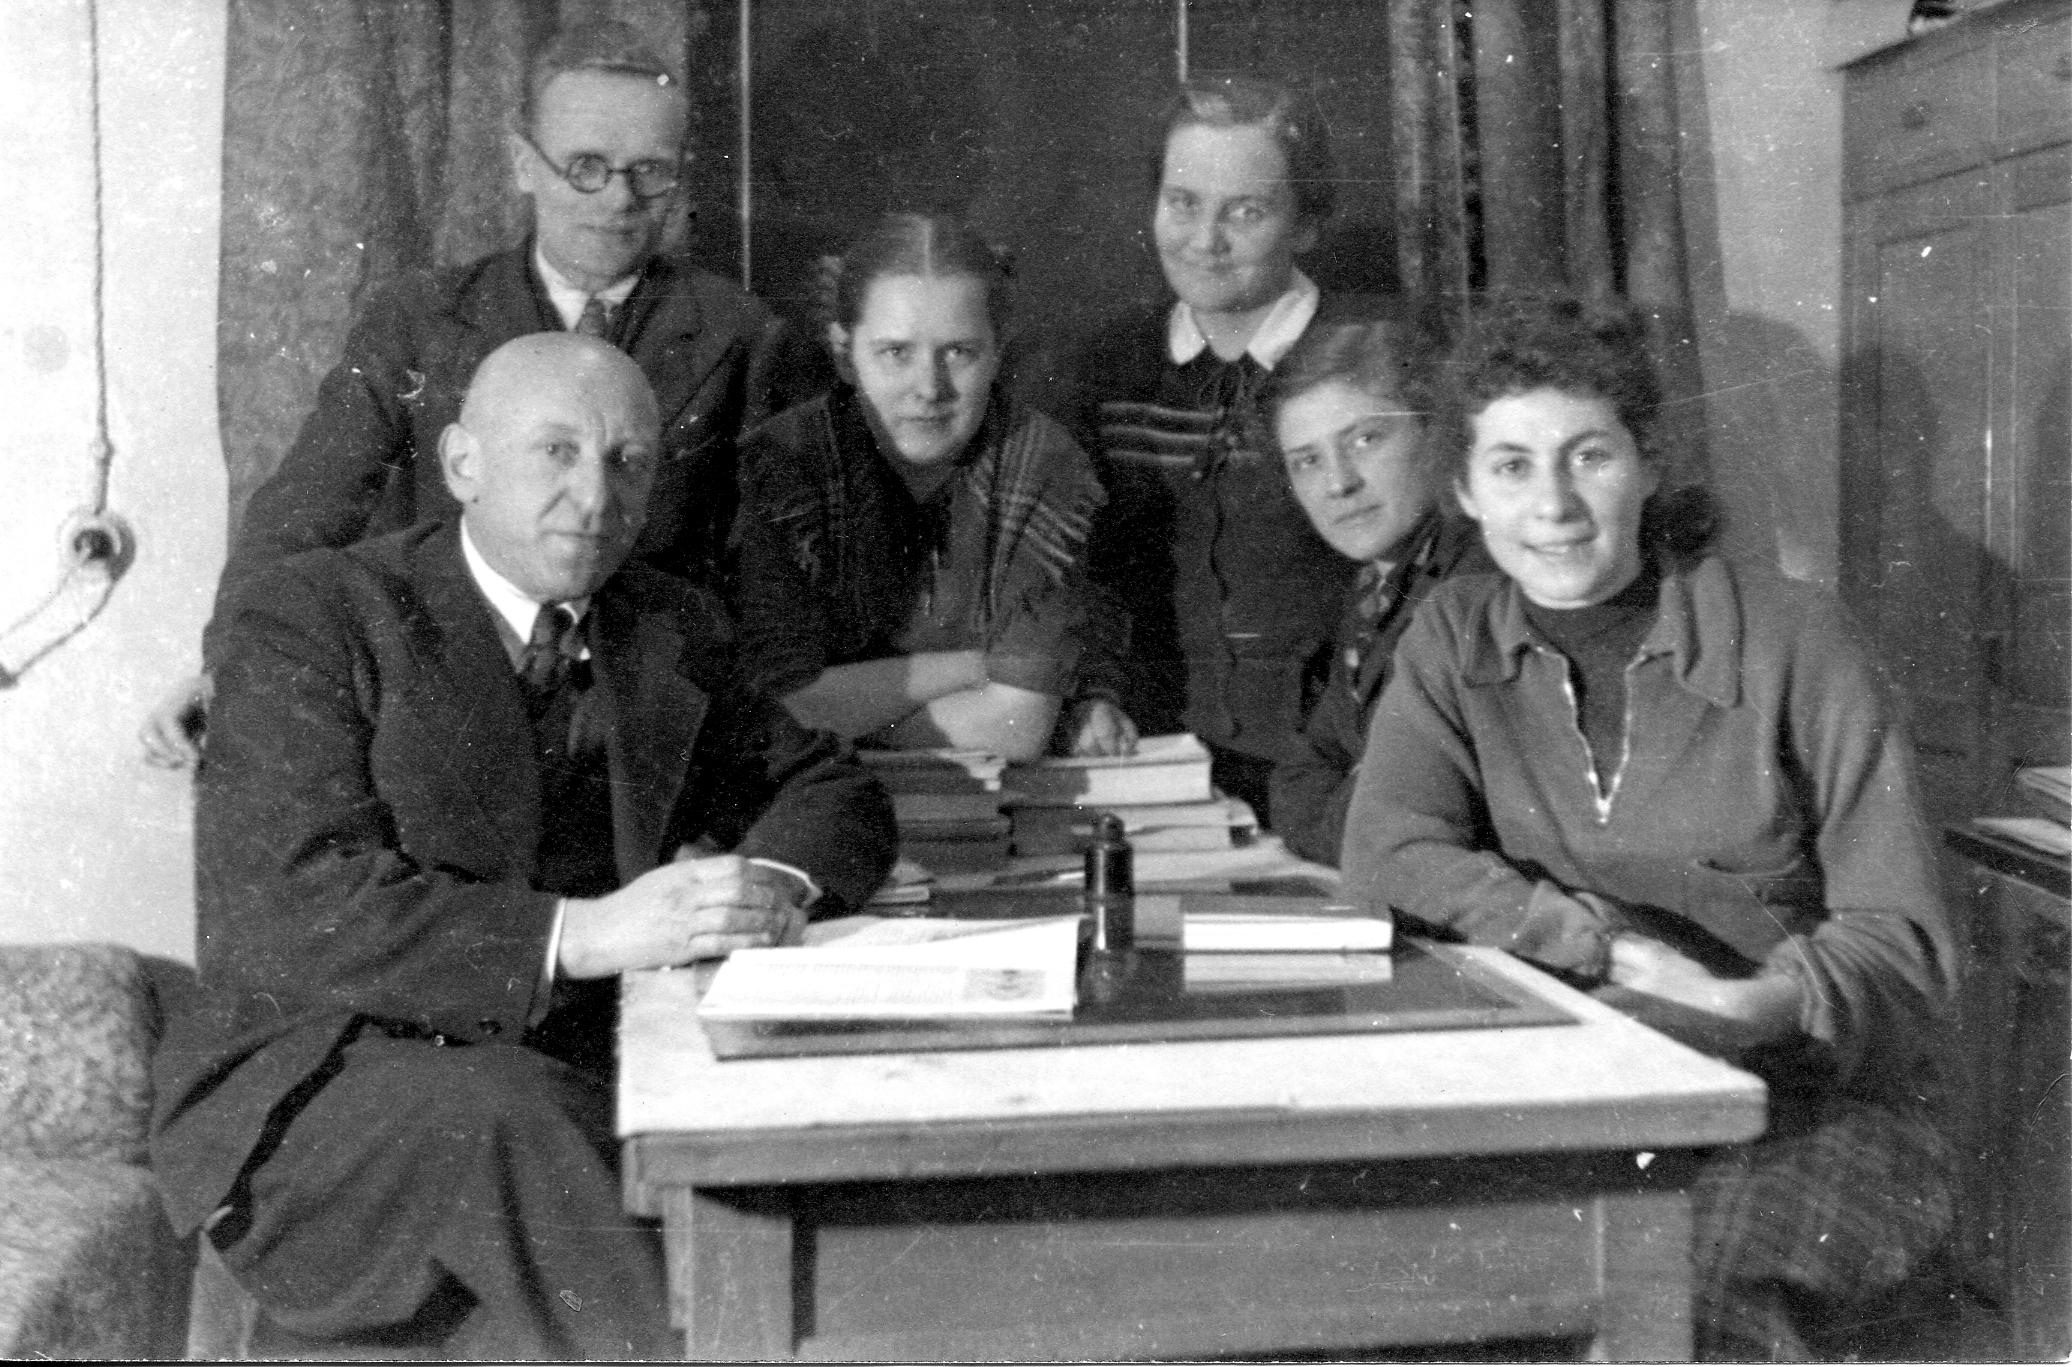 Шпольский с коллегами, Ильина, Базилевич, Зленко, ~1950г.